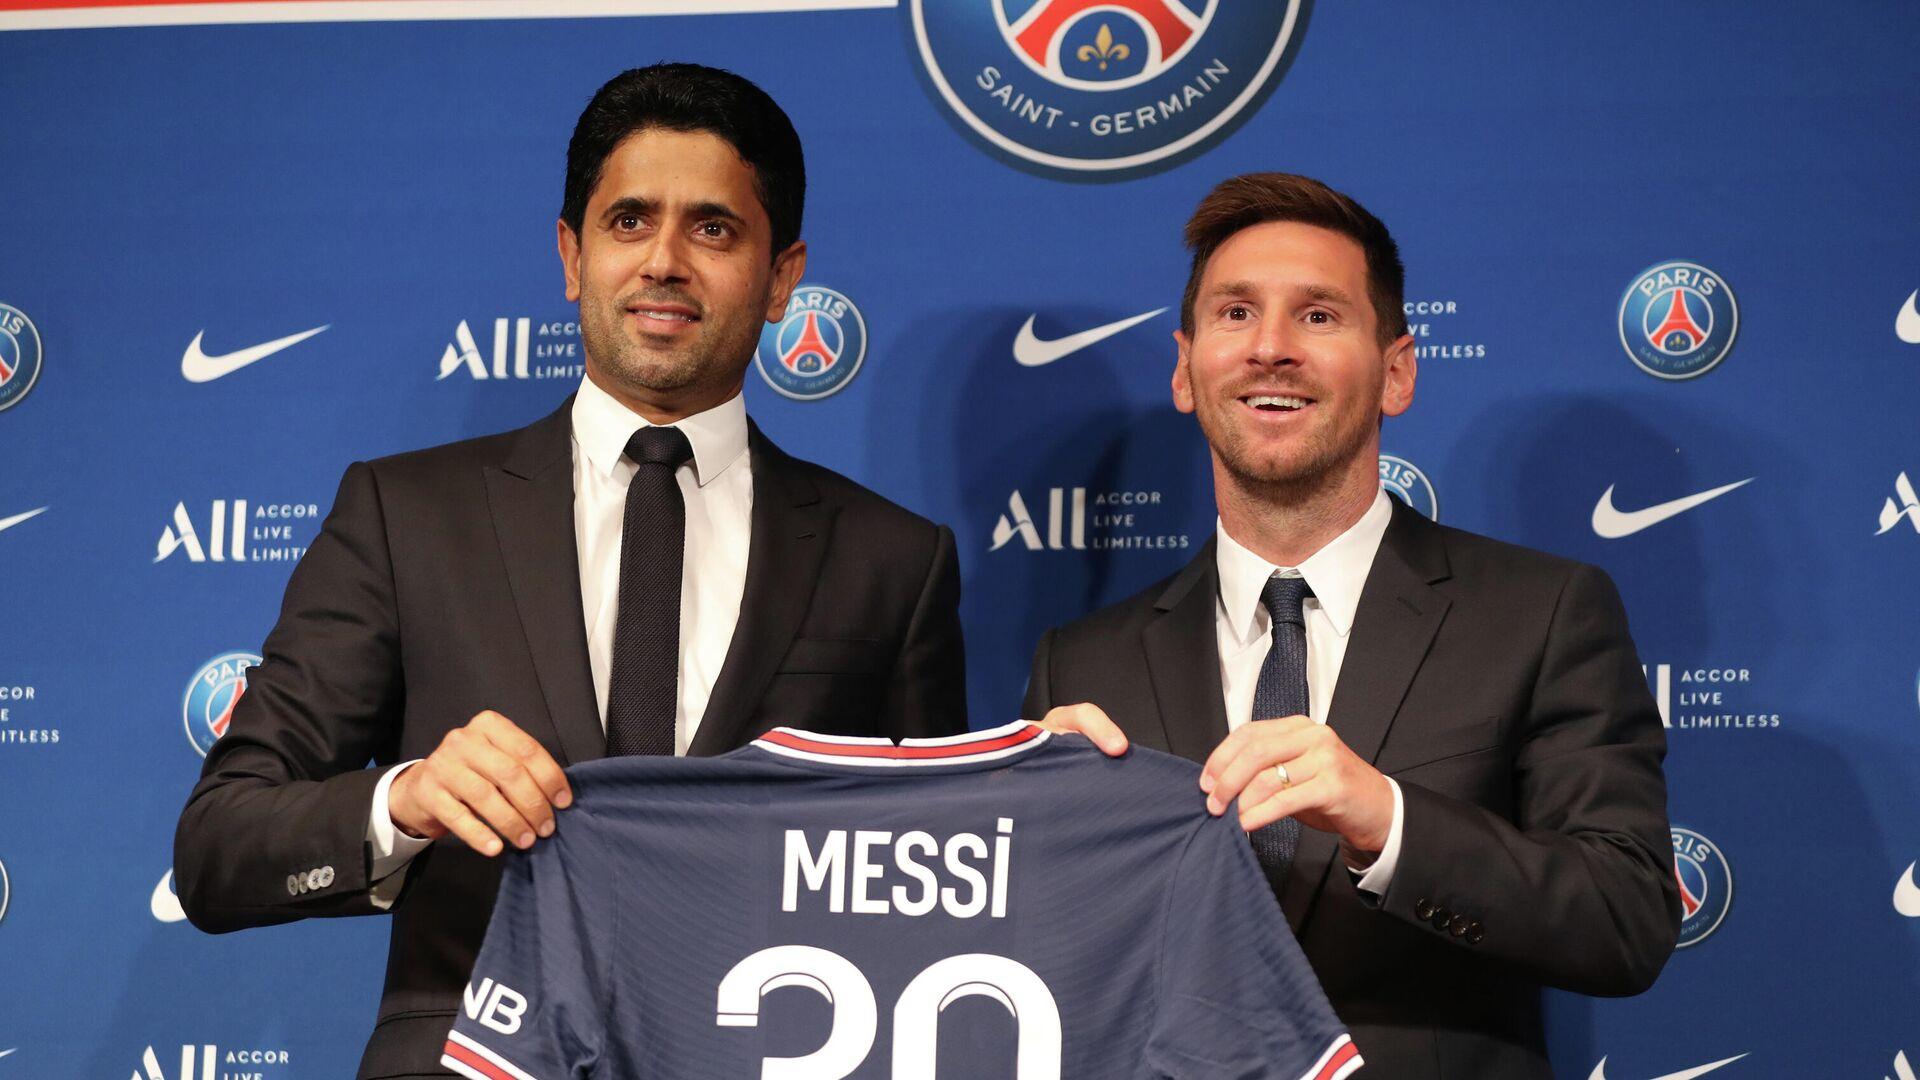 PSG Başkanı Nasır el Halifi ile sözleşme imzlayan Lionel Messi, giyeceği 30 numaralı formayla poz verdi. - Sputnik Türkiye, 1920, 12.08.2021